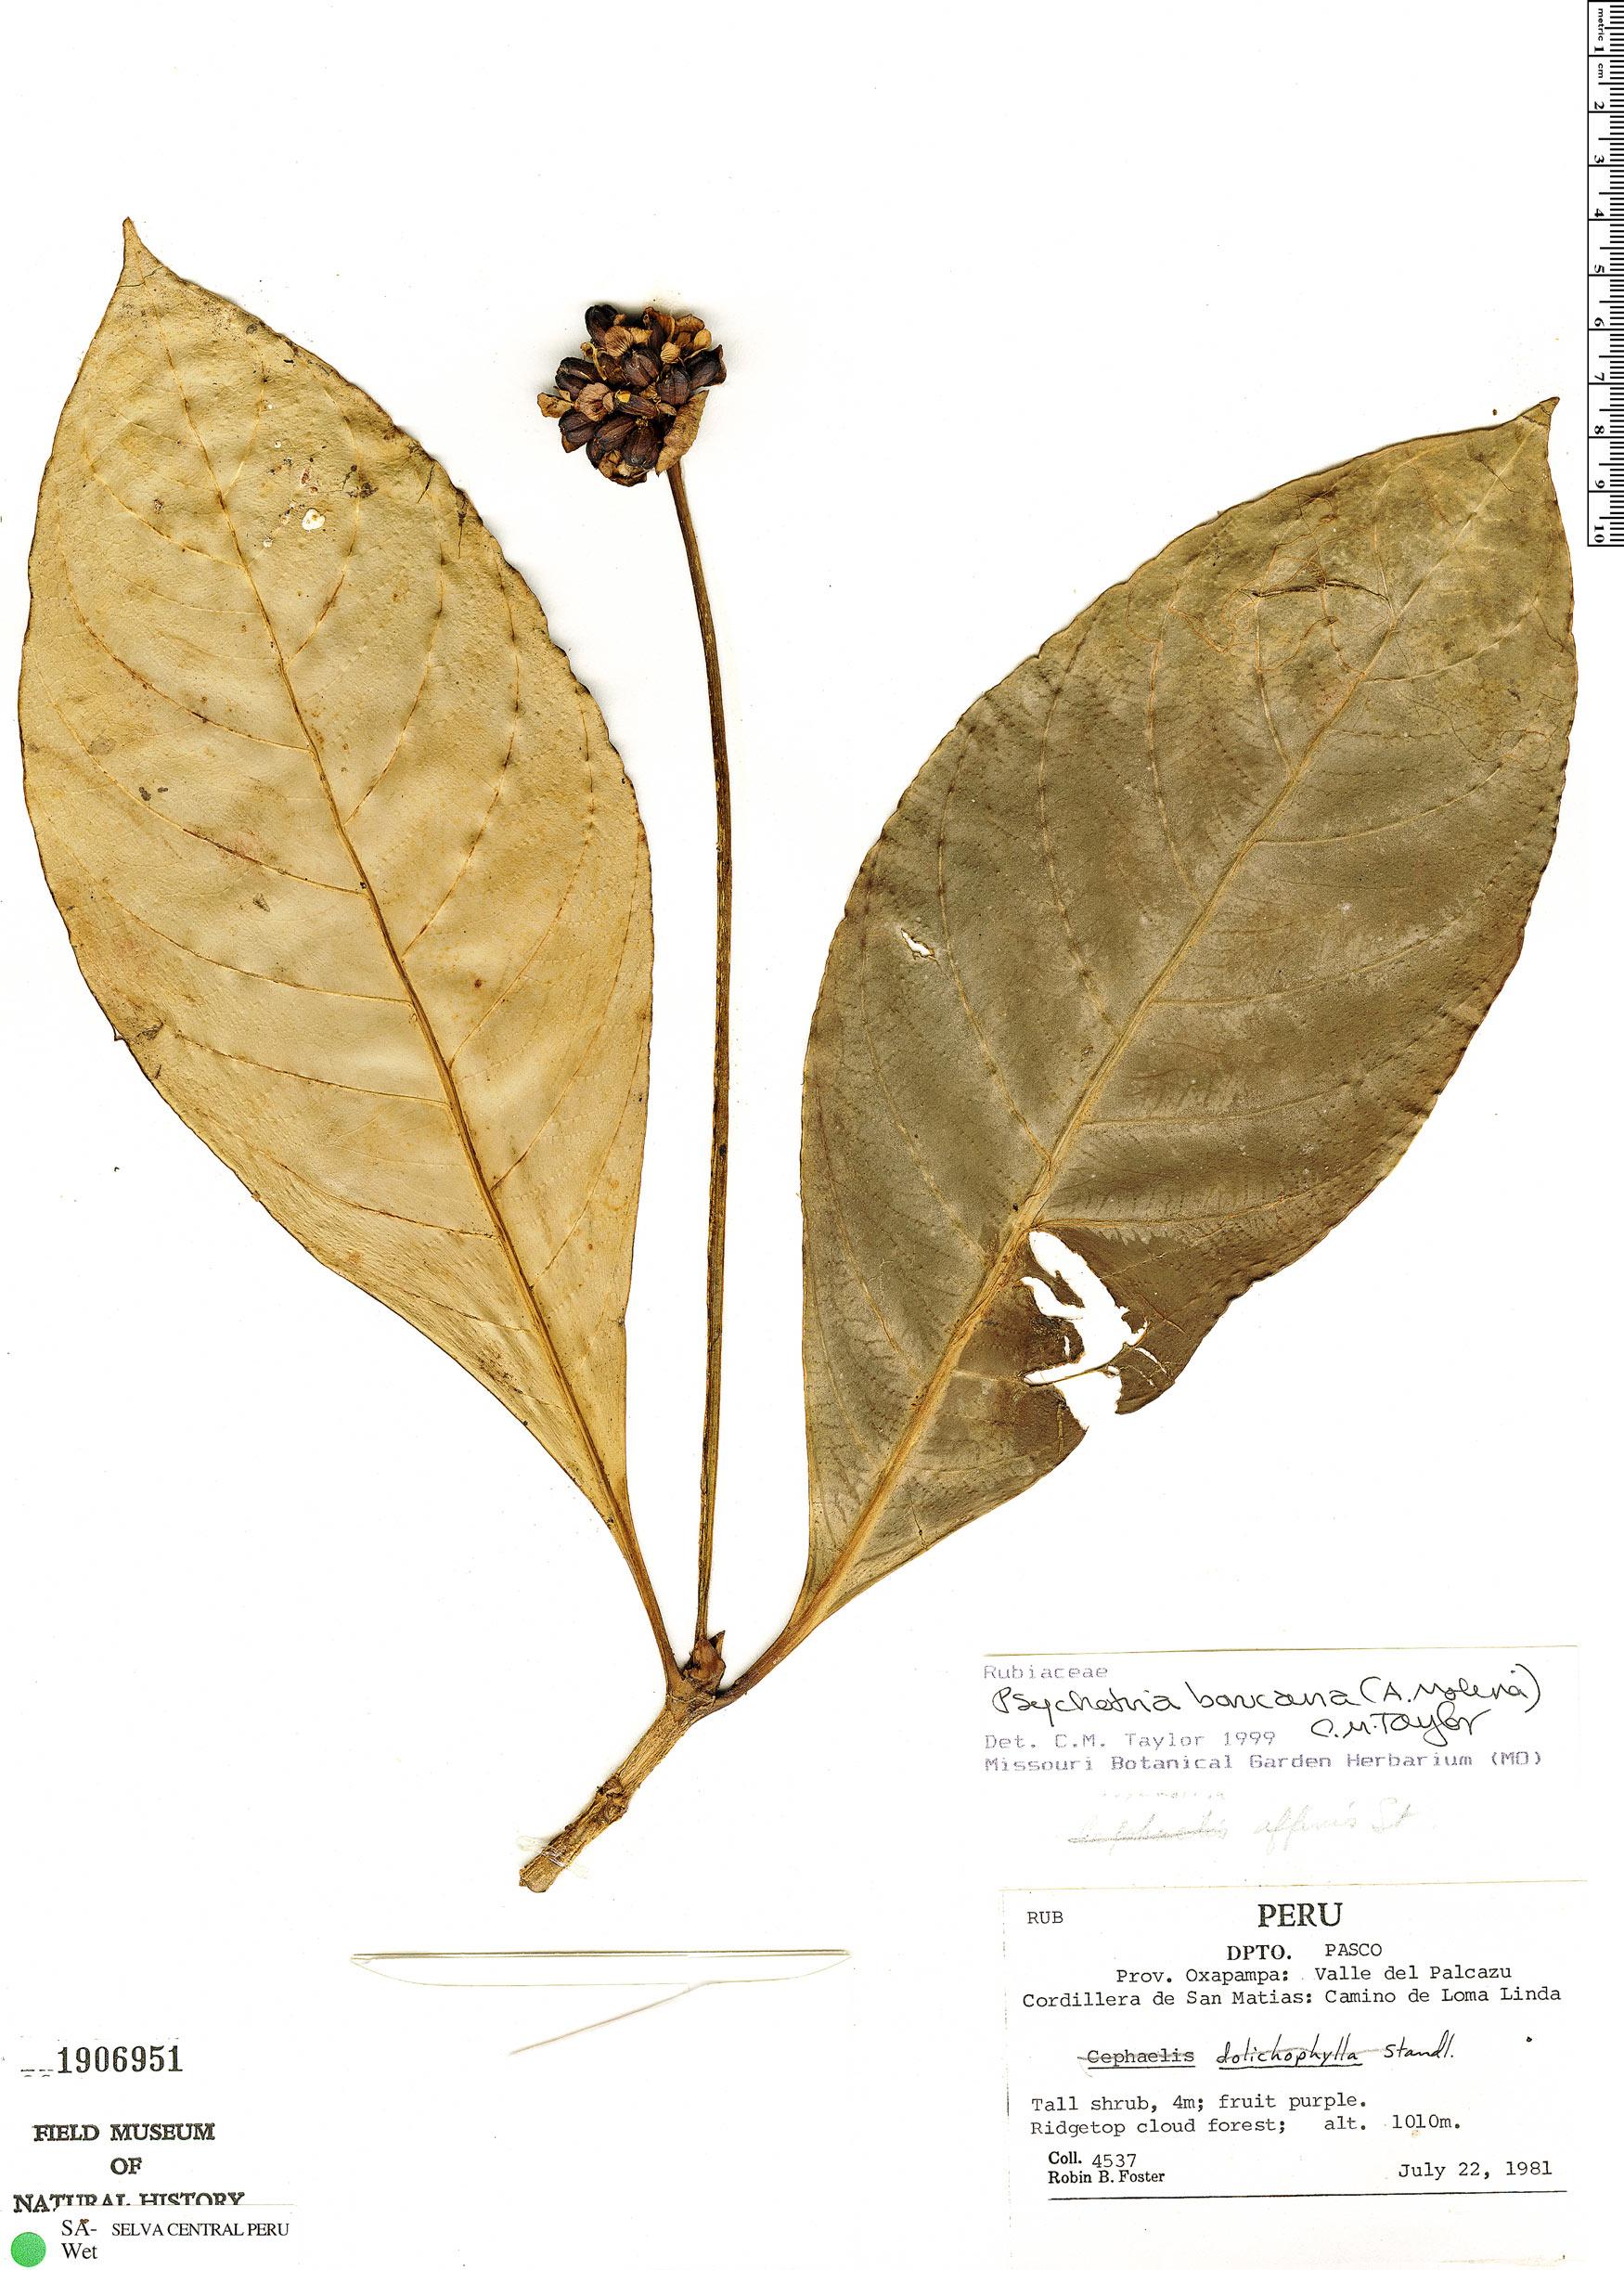 Specimen: Carapichea affinis